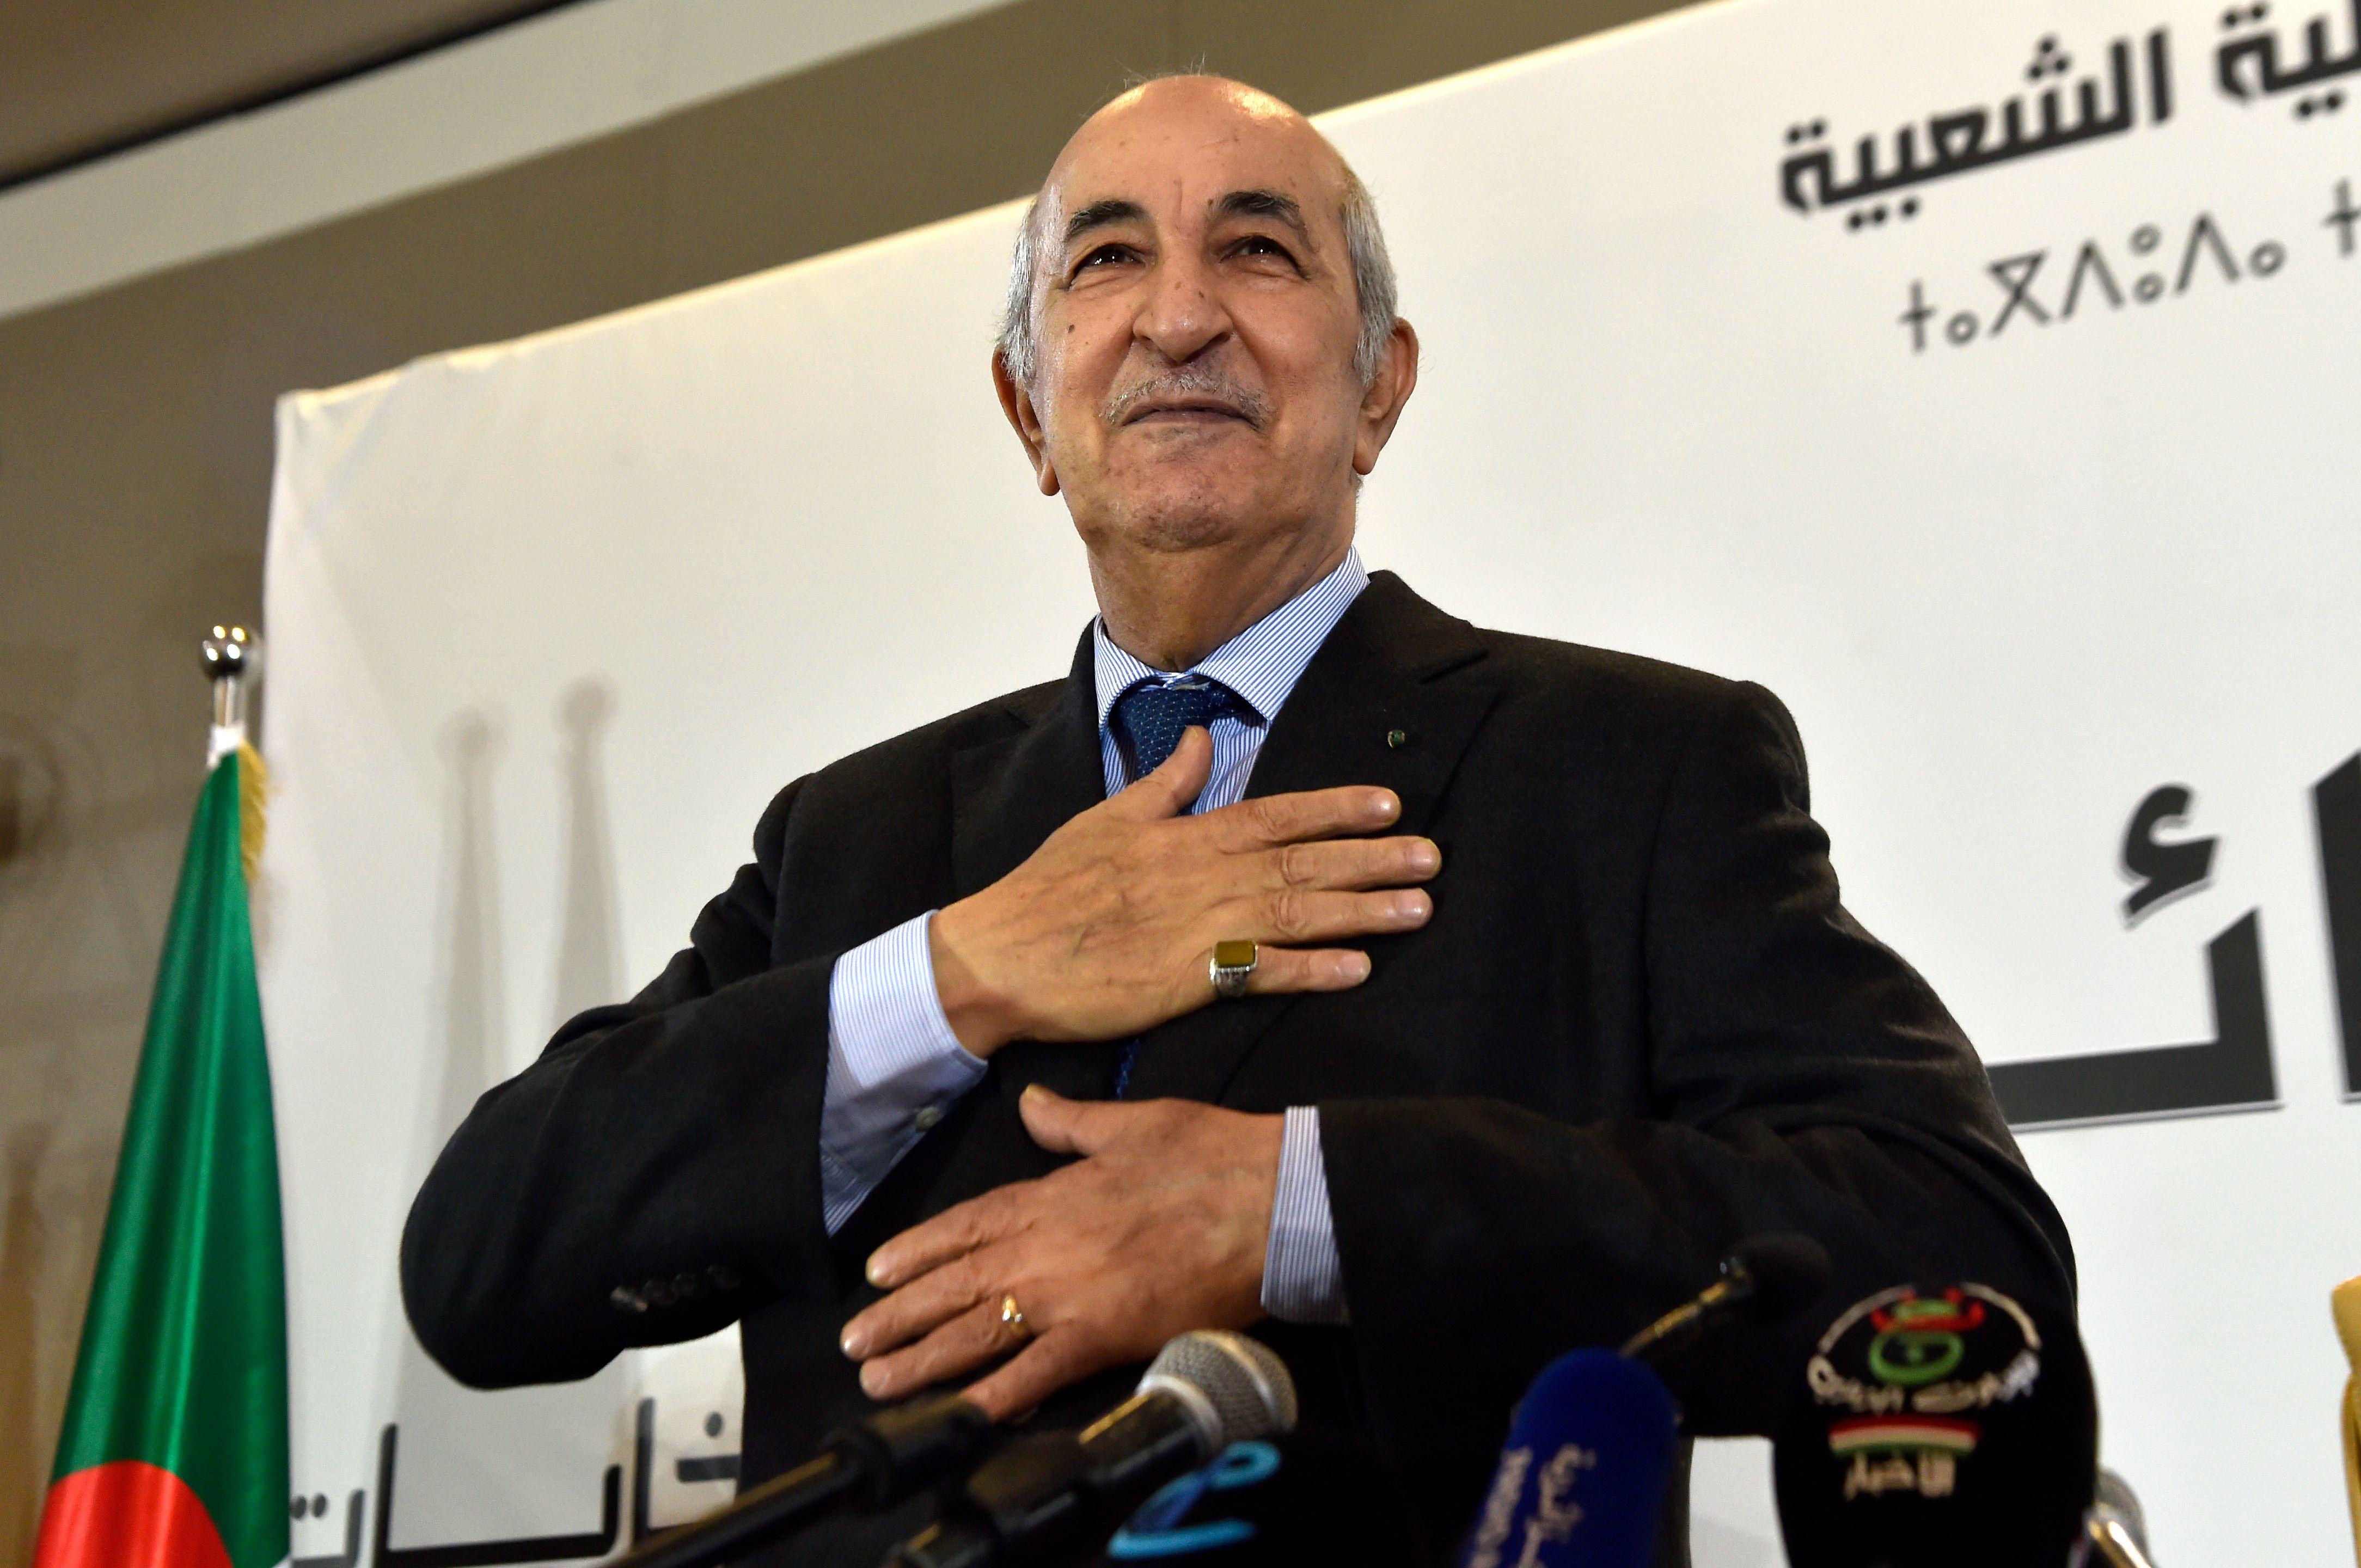 Qui est Abdelmadjid Tebboune, le nouveau président algérien ?